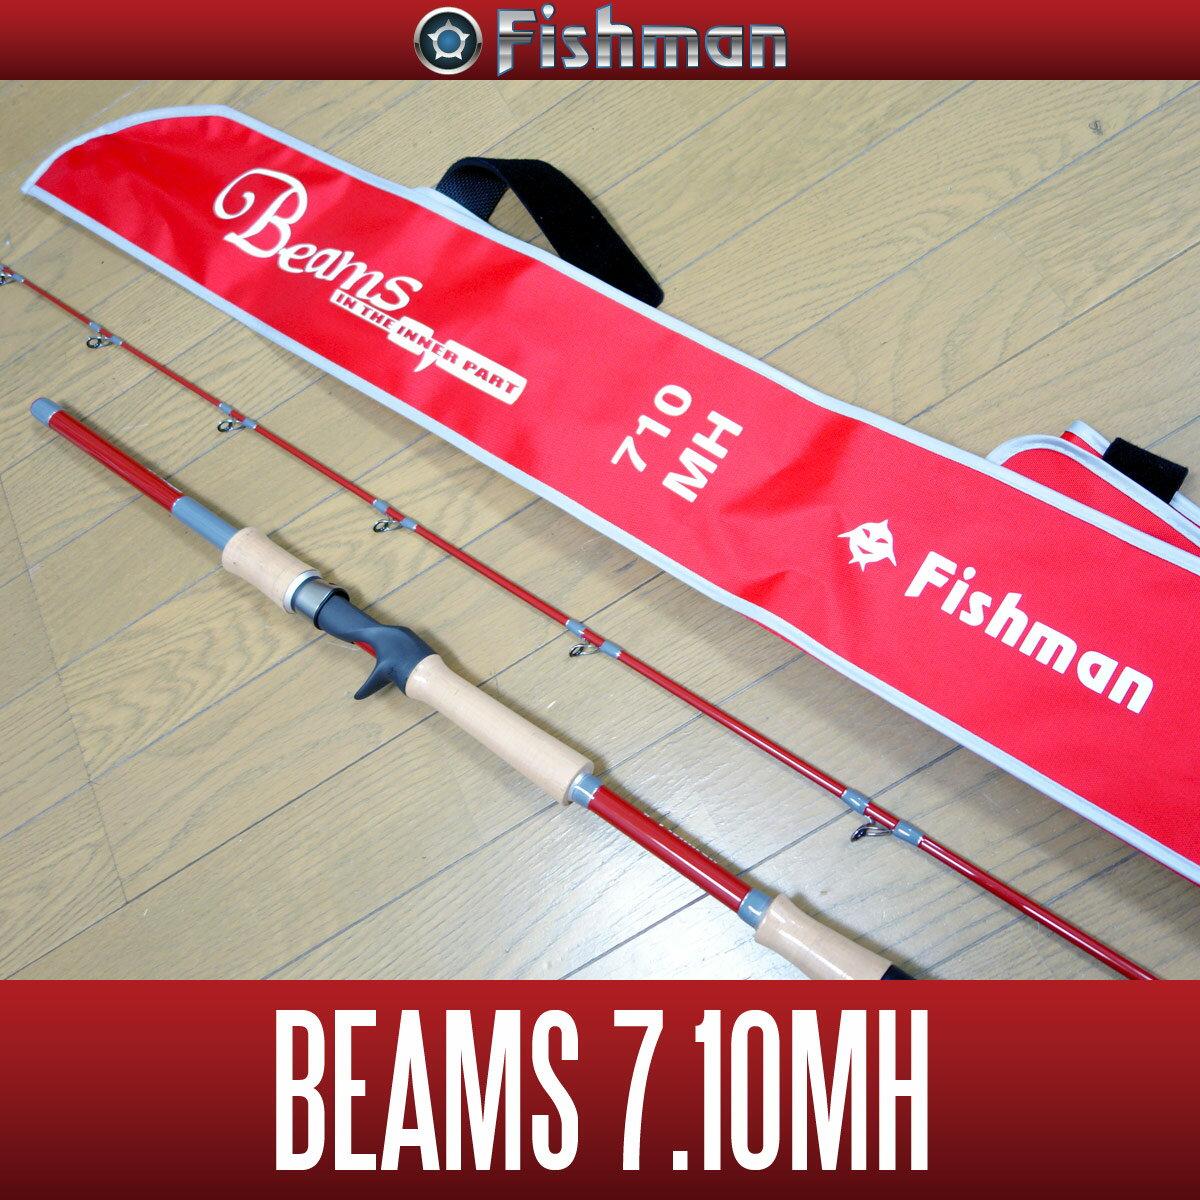 [Fishman/フィッシュマン] Beams 7.10MH